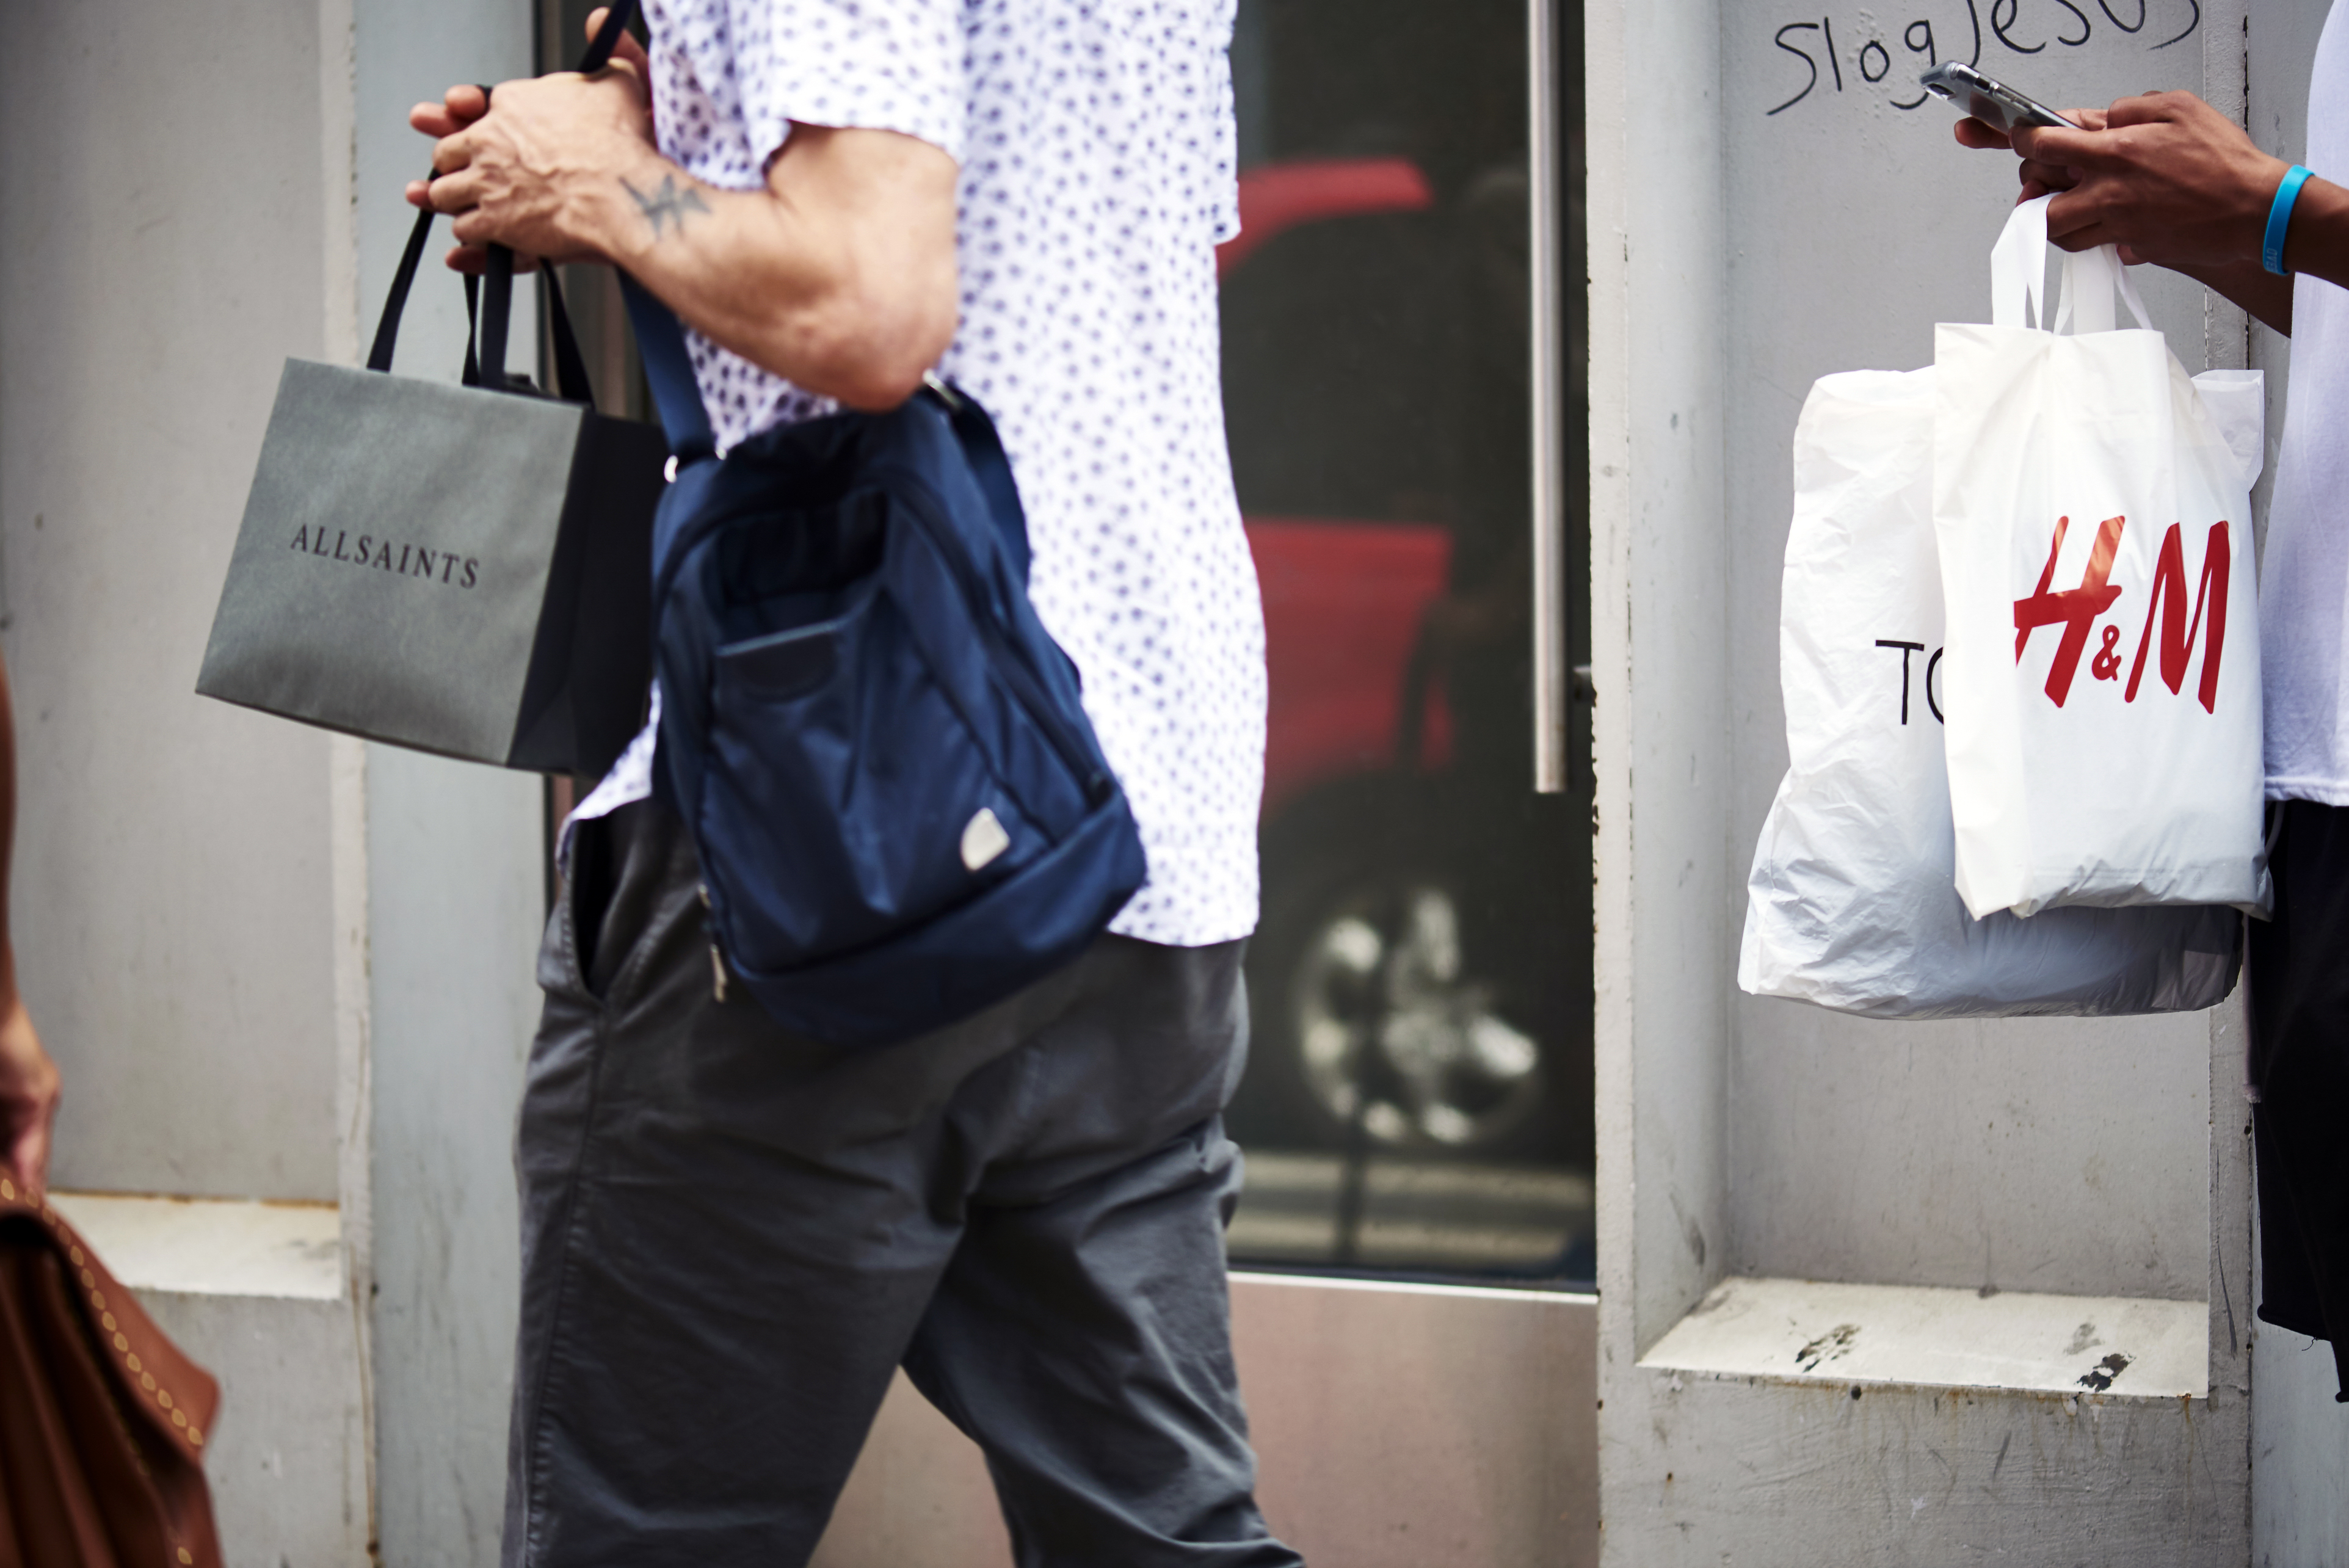 一词:H&M开始卖别的牌子的衣服了,是自己不行了吗?